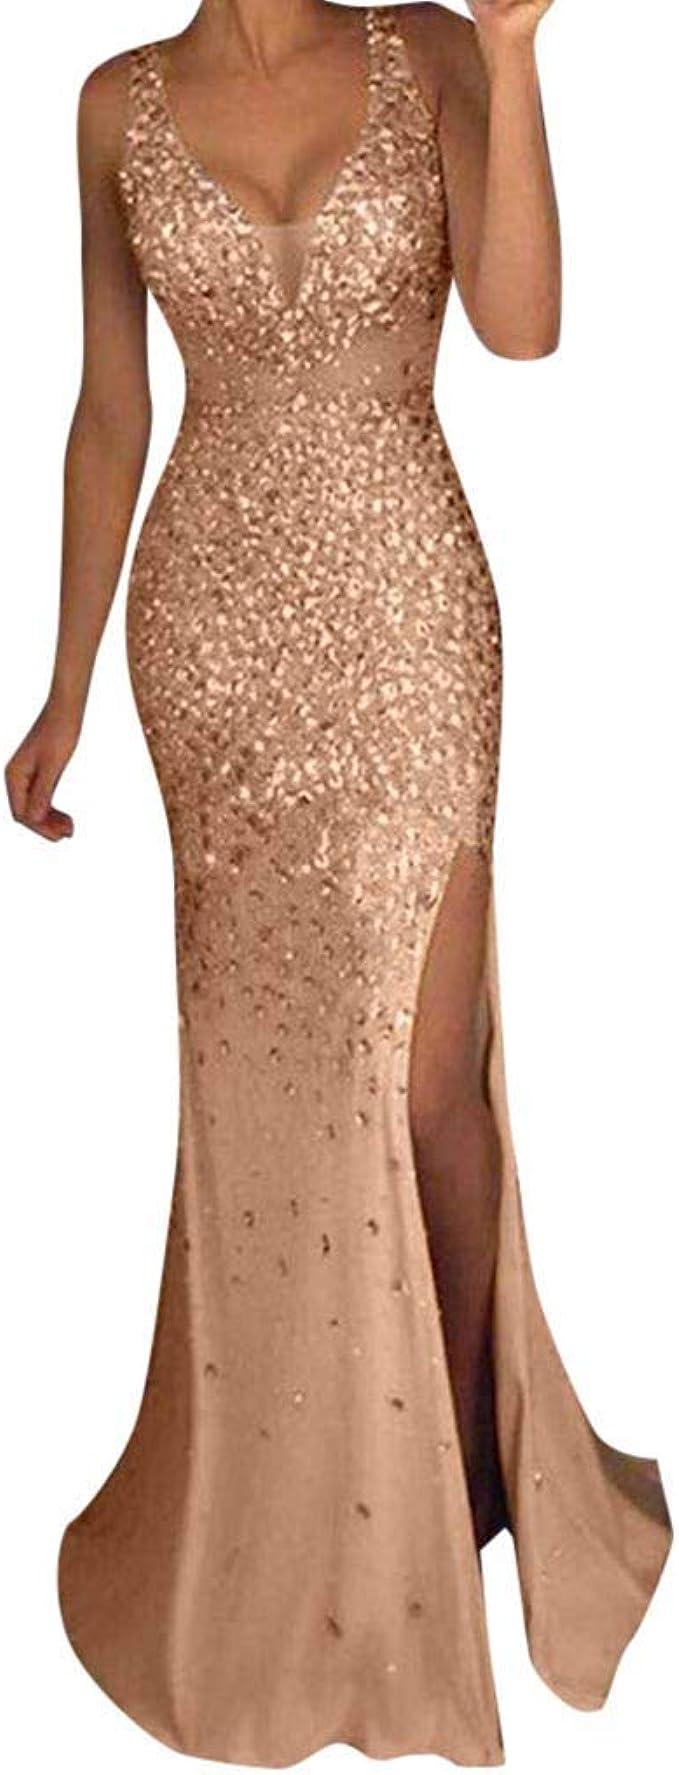 Bumplebee Damen Kleider Sexy Glitzer Abendkleider Lang Gold